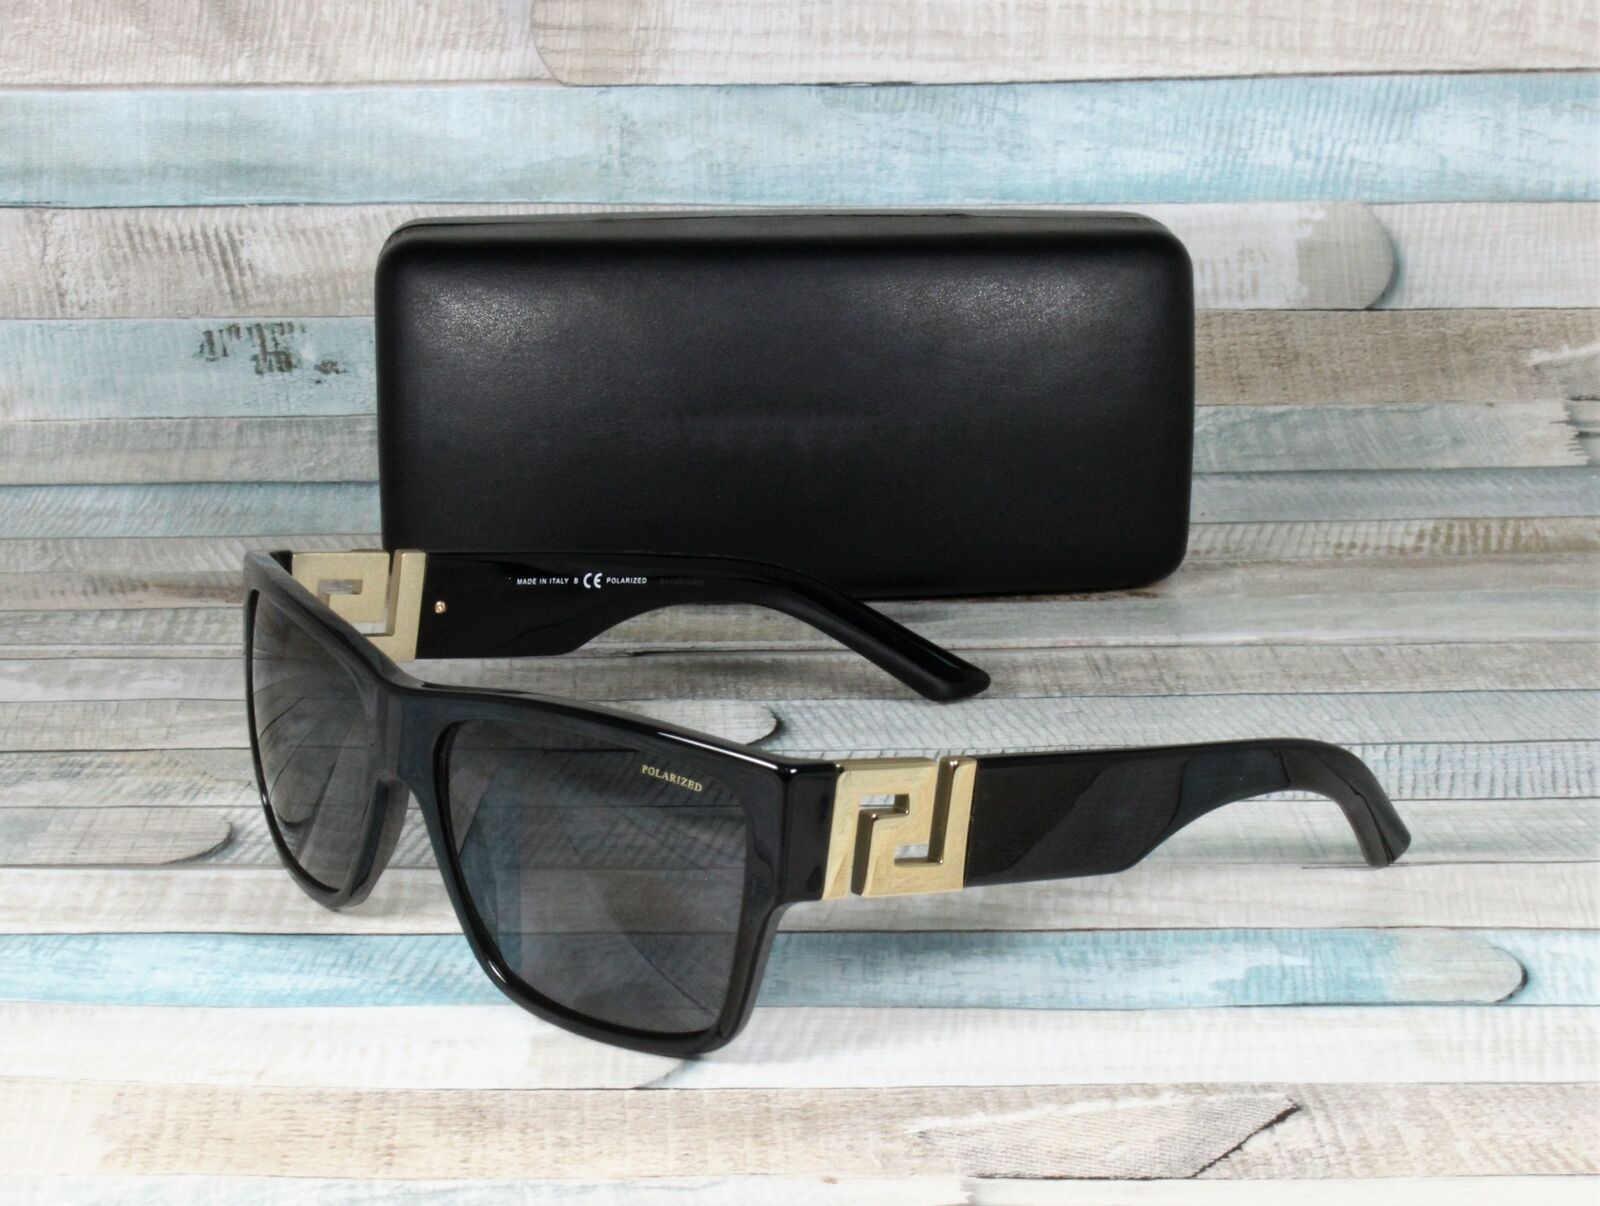 4296 cinza preto polarizada 59 milímetros Mens óculos de sol óculos de sol de luxo Sunglasses Moda Marca de luxo- New Men para homens Mulher dos vidros